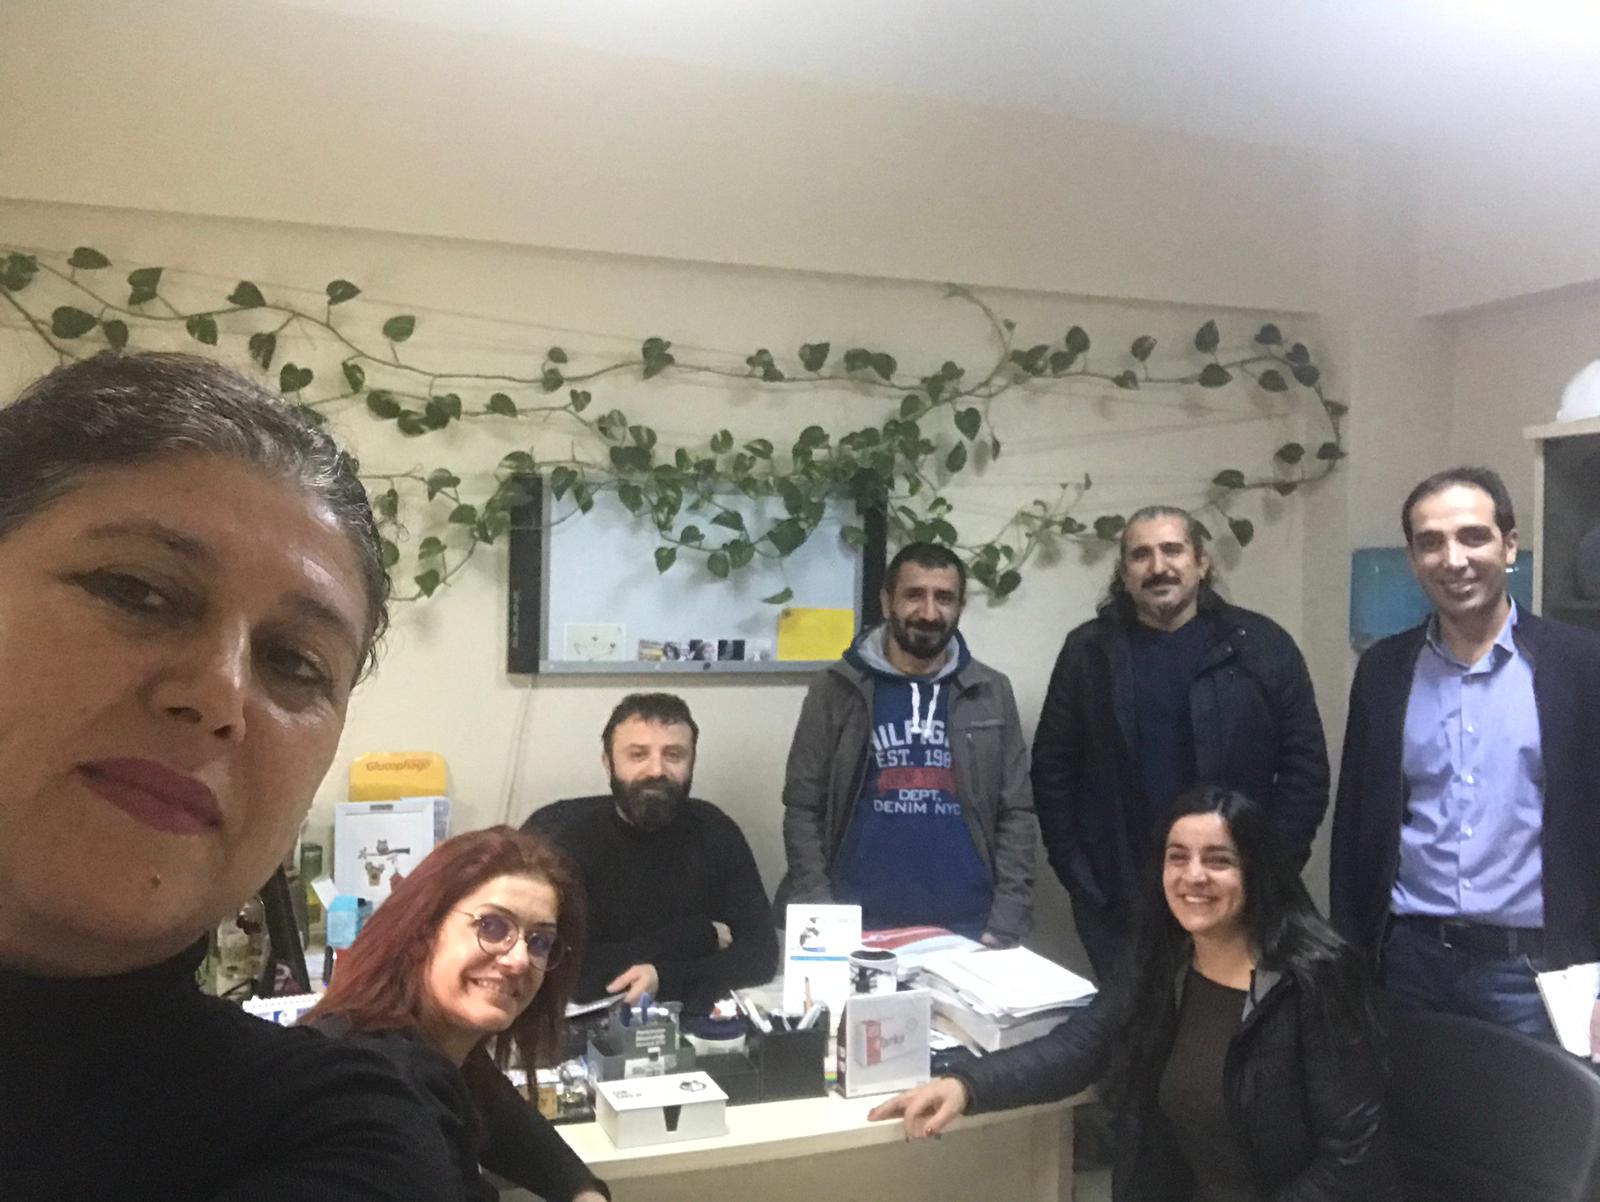 Bakırköy Ruh Sağlığı ve Sinir Hastalıkları Hastanesi'nde 22 Aralık İstanbul KESK Bölge Mitingi Çalışması Yaptık